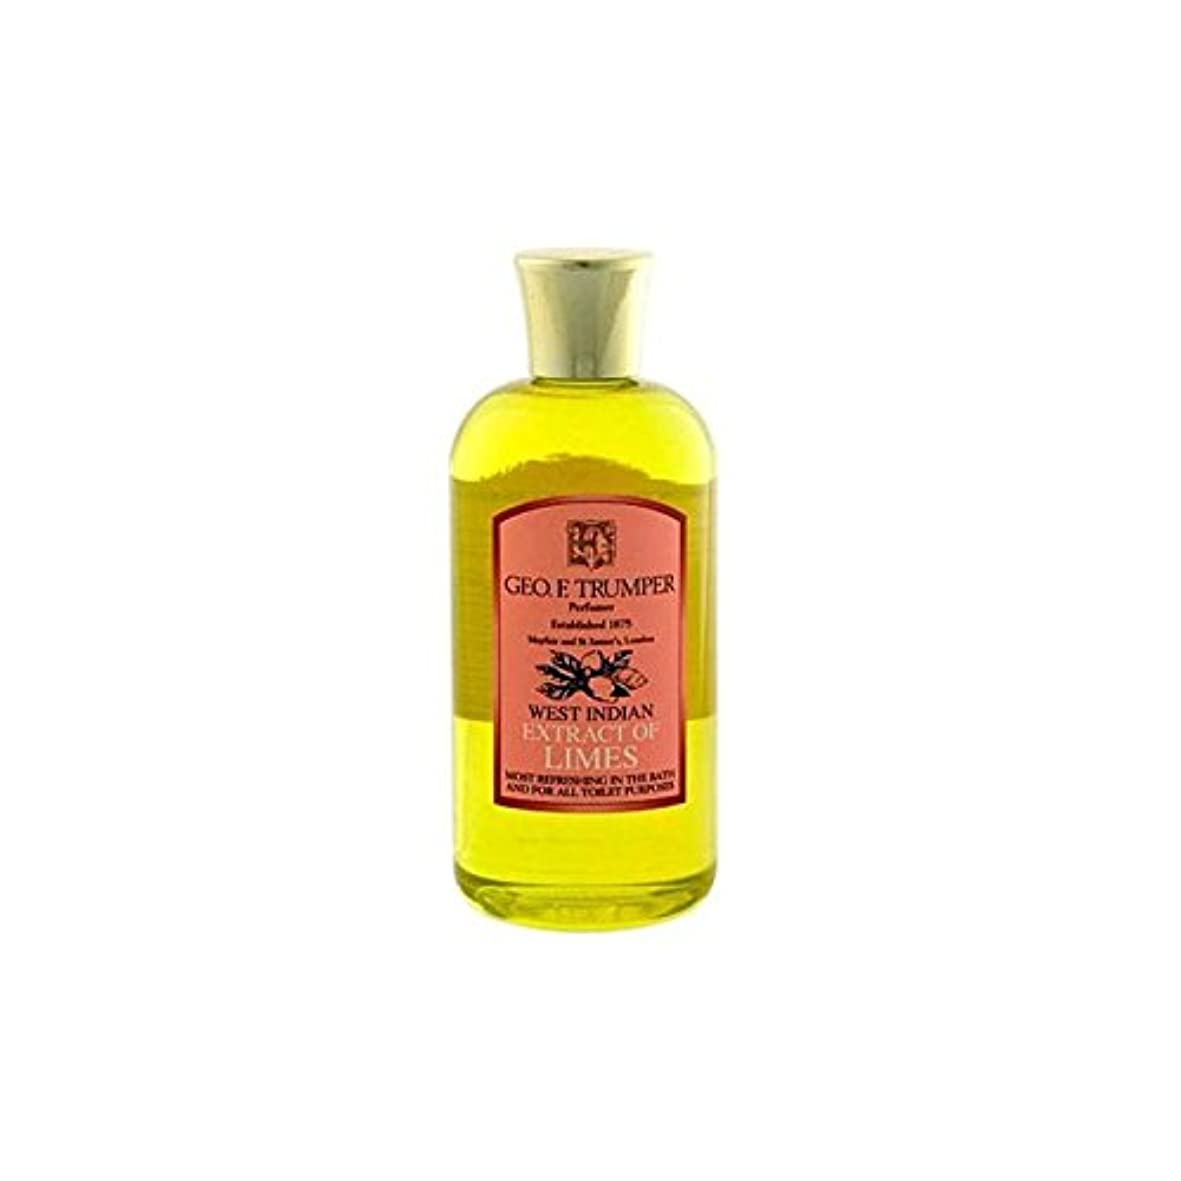 望む気取らないネットライムのバスタブとシャワージェル200の抽出物を x2 - Trumpers Extracts of Limes Bath and Shower Gel 200ml (Pack of 2) [並行輸入品]